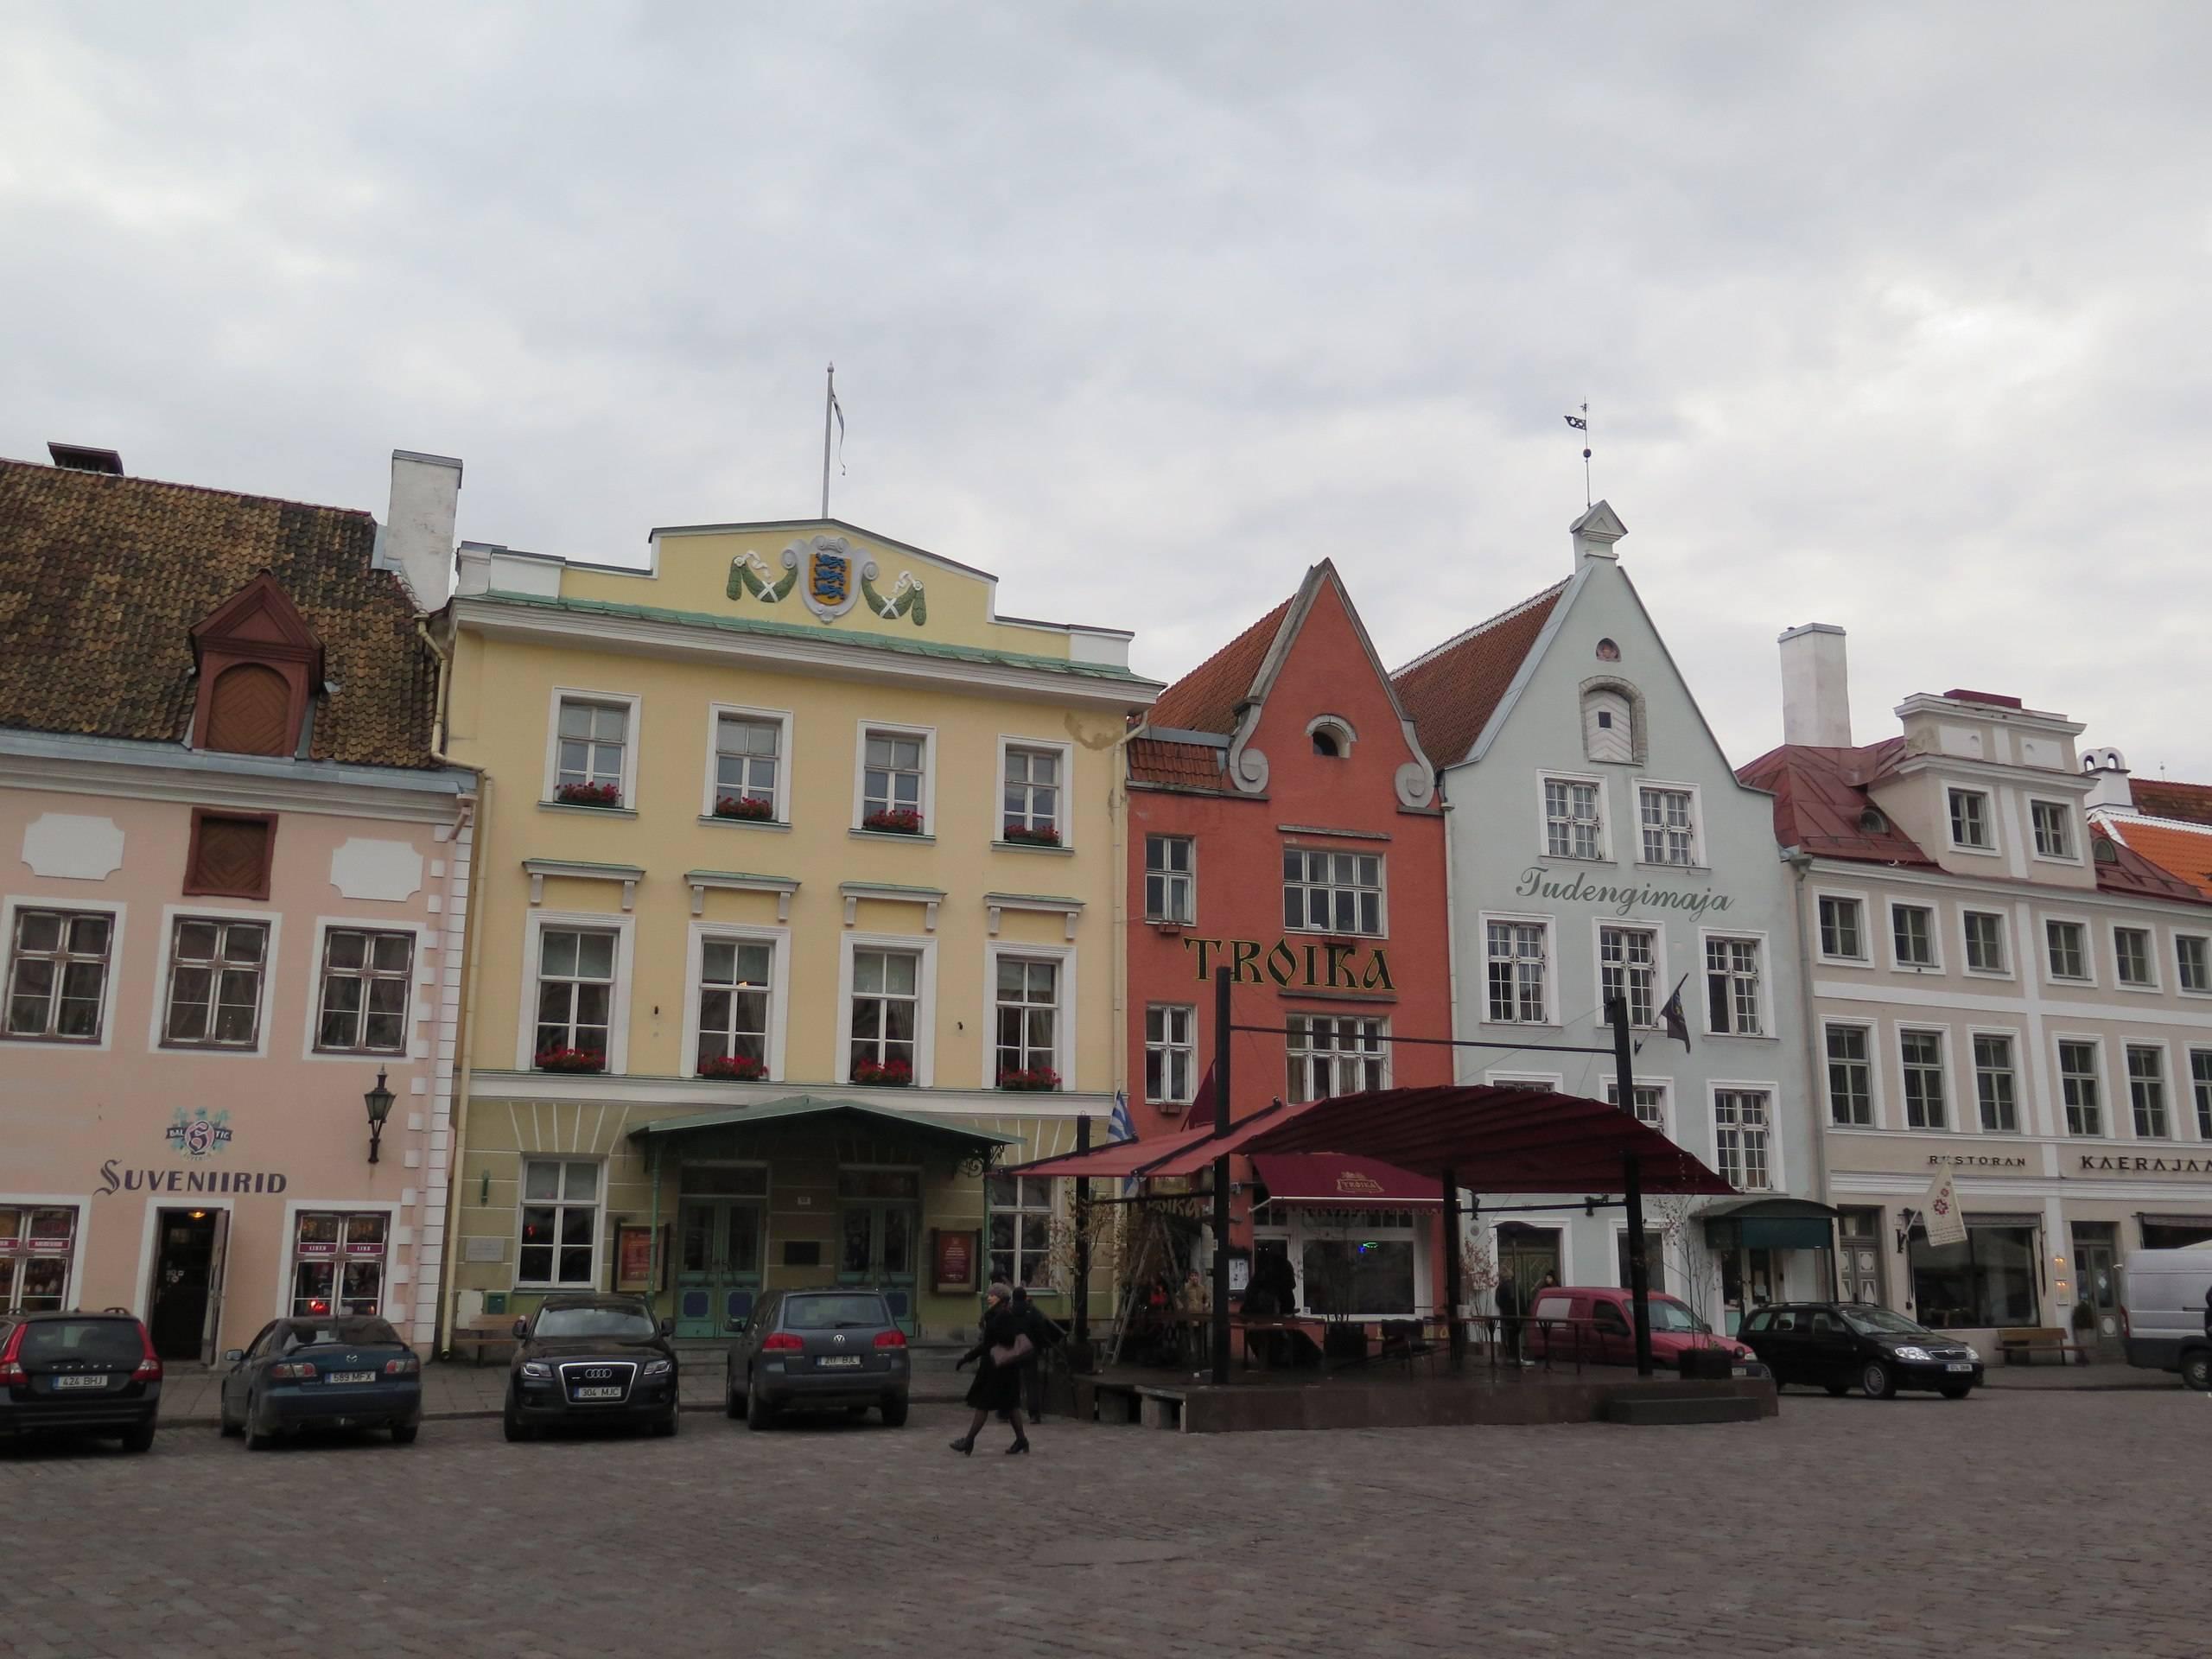 Топ 10 сайтов для поиска работы в эстонии - все курсы онлайн